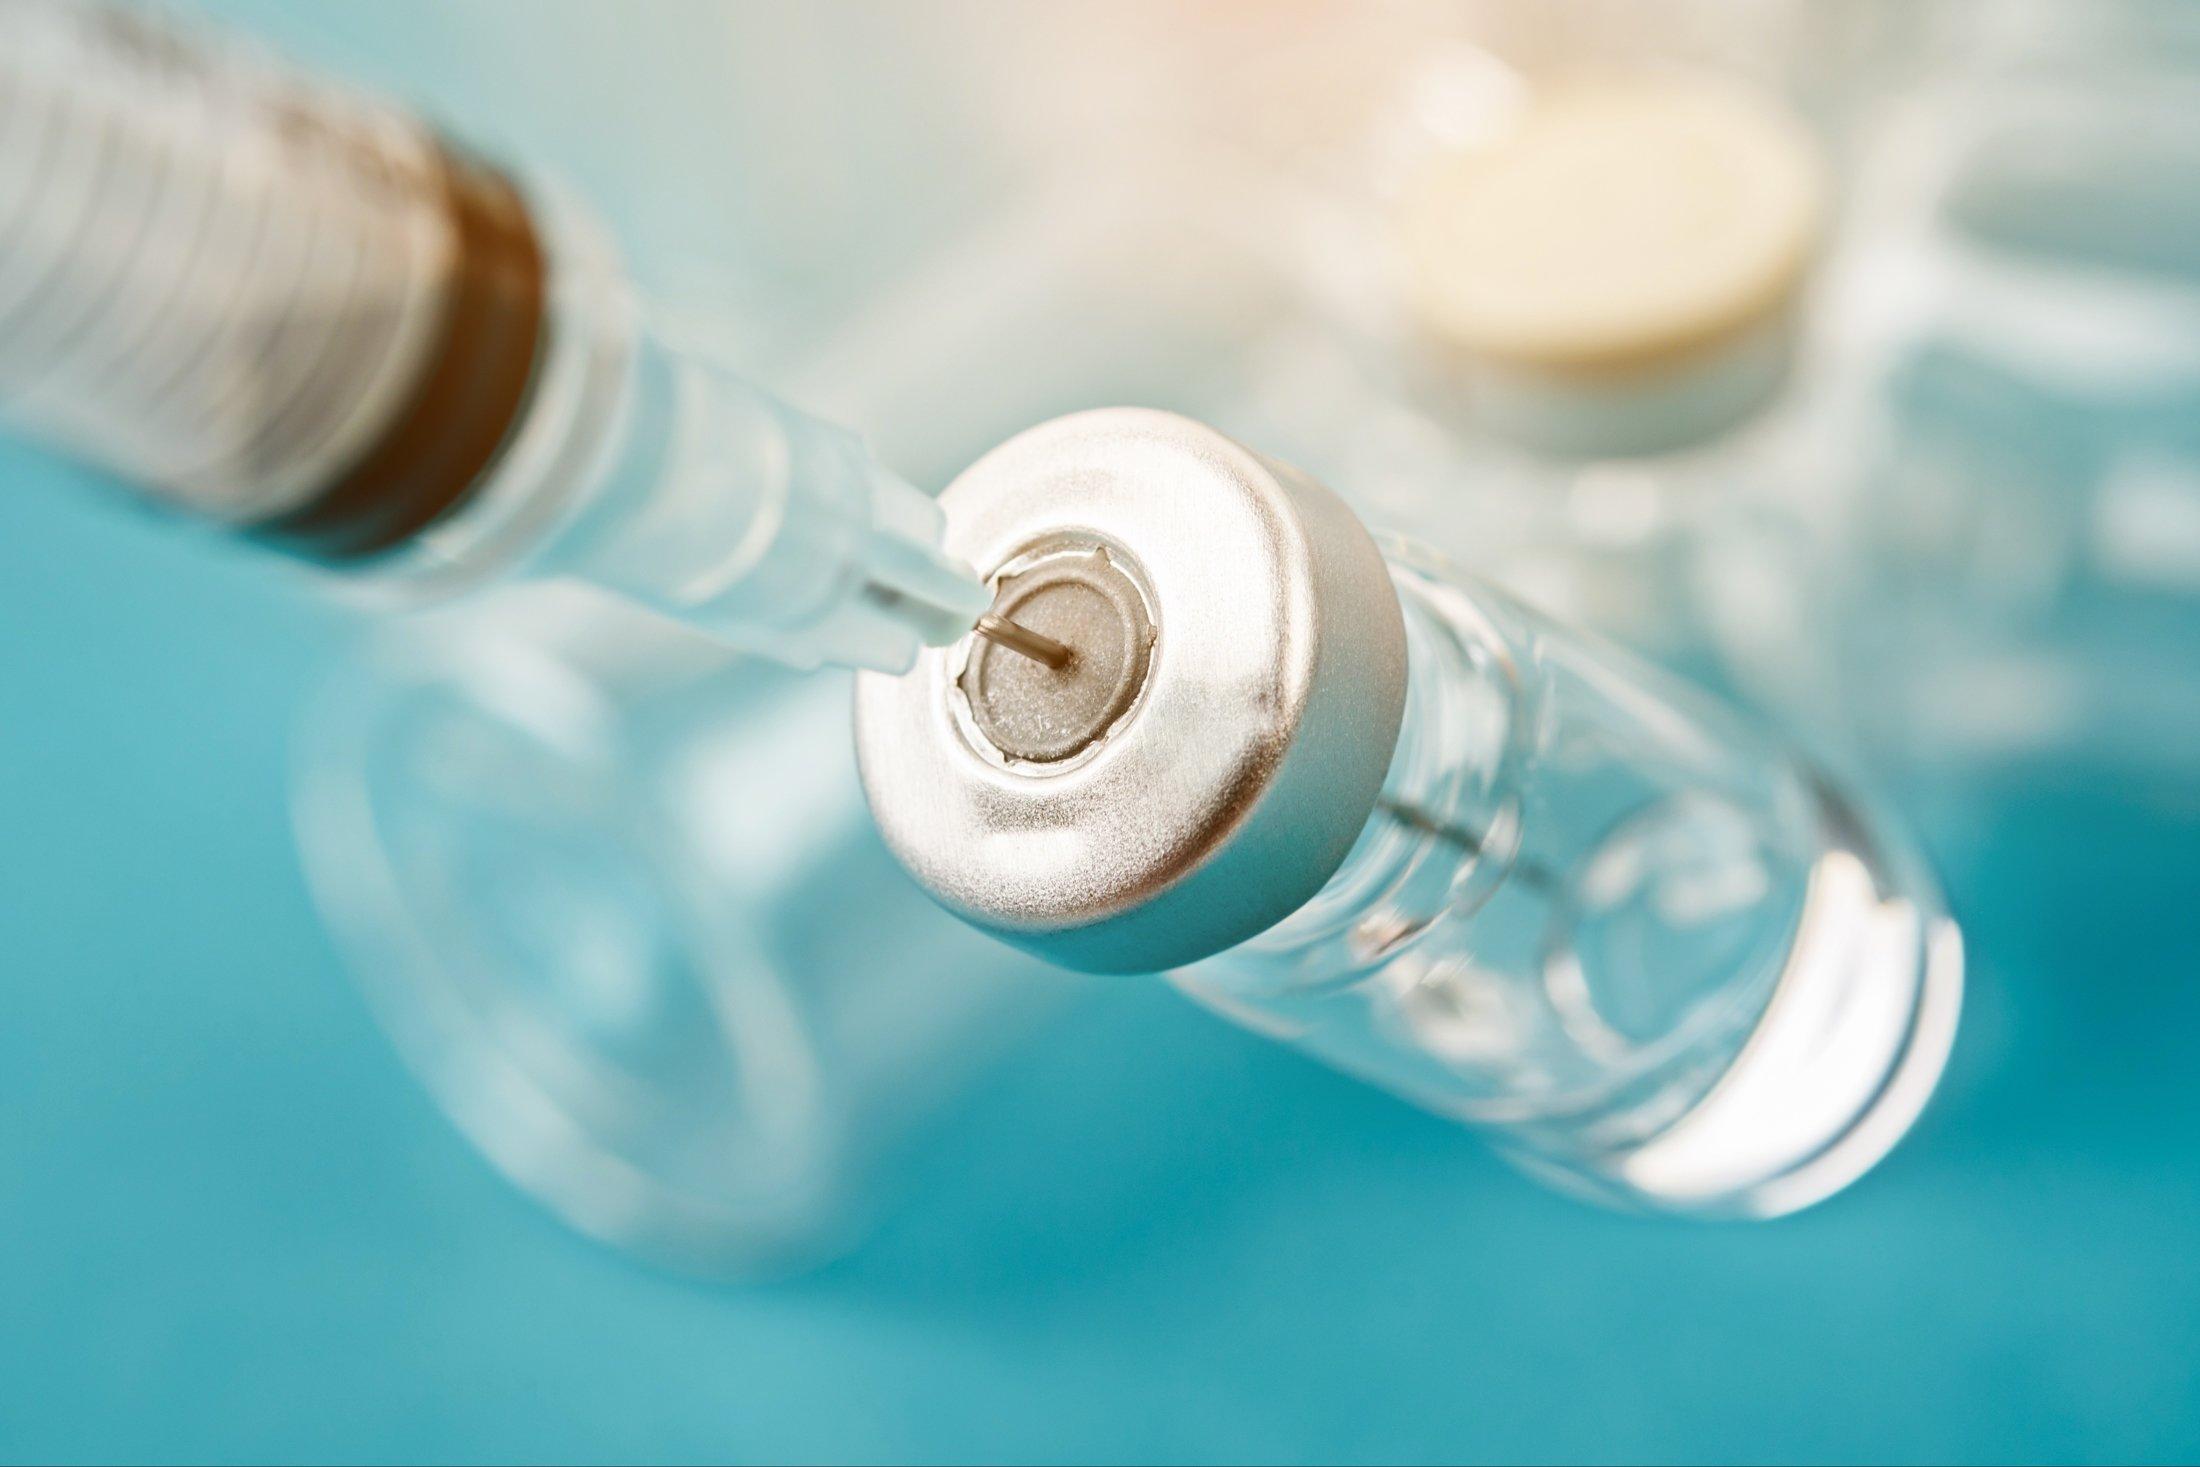 Вакцина от коронавируса может потребовать обновлений раз в несколько лет